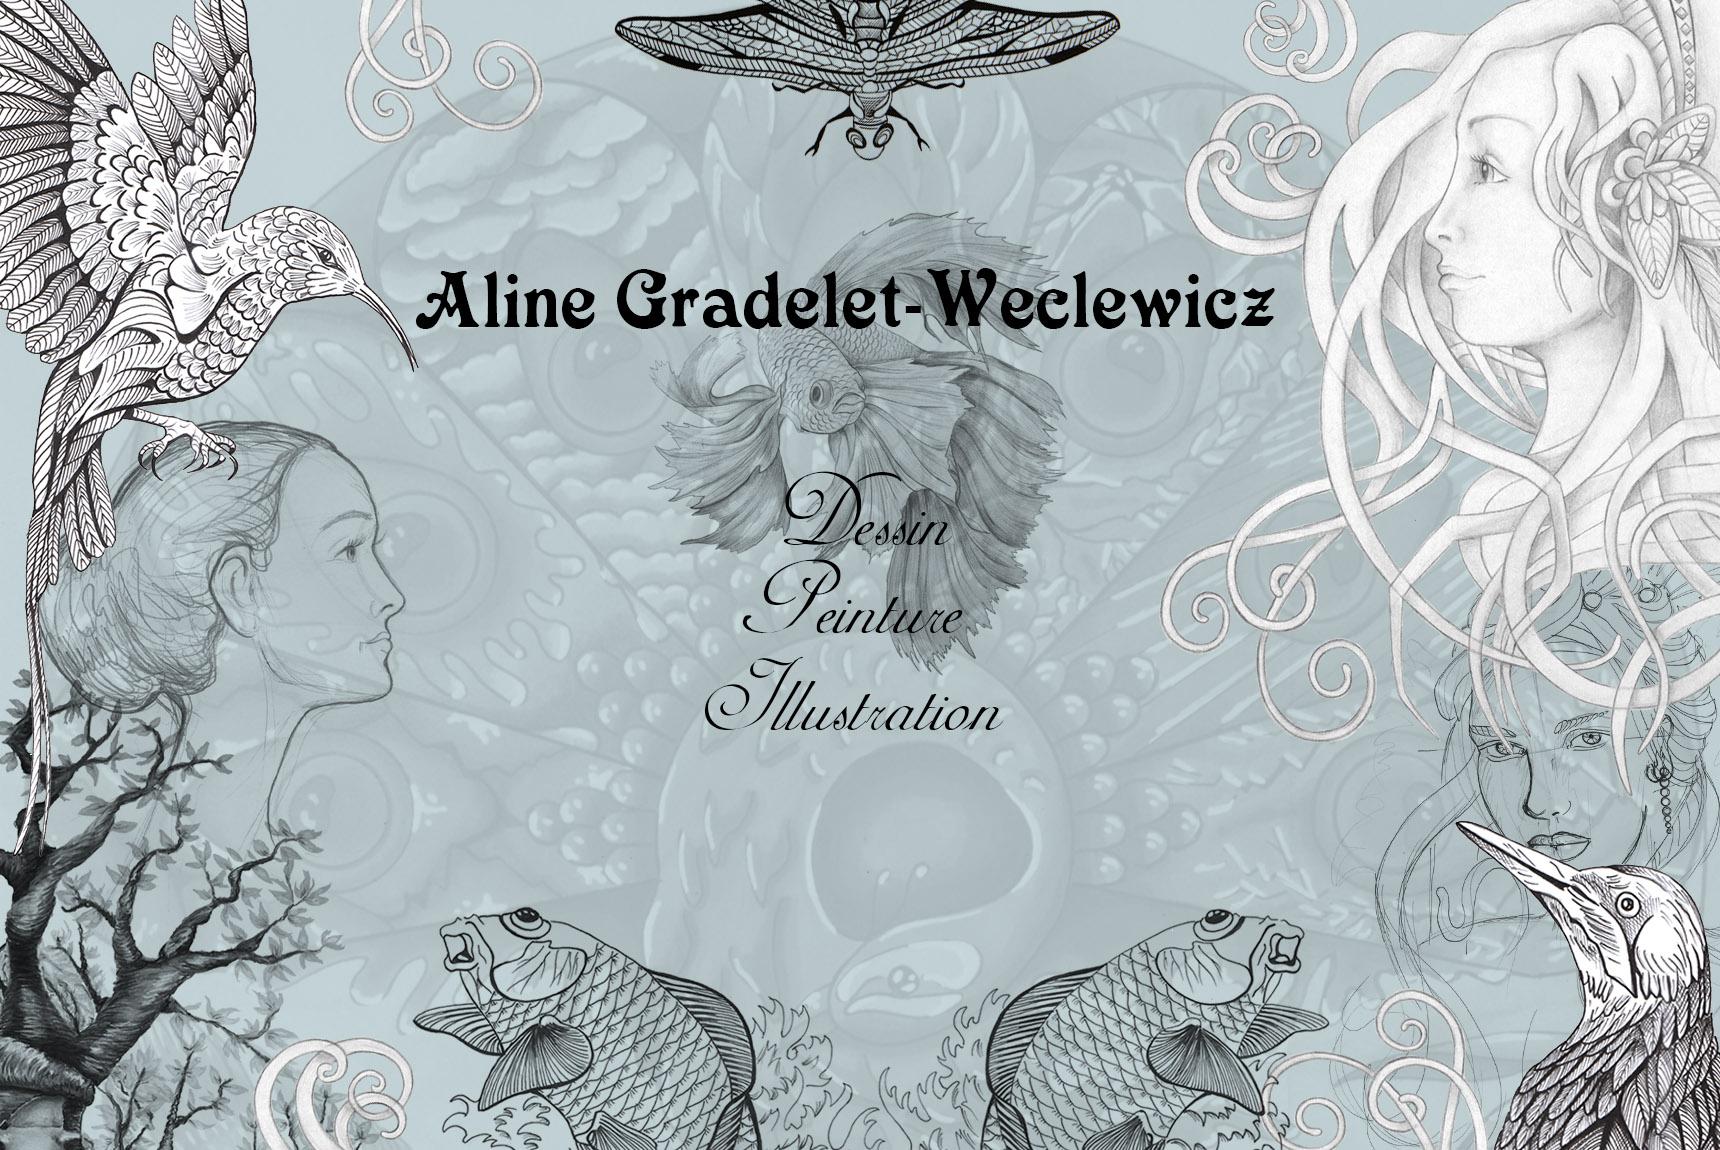 affiche-dessin-aline-gradelet-weclewicz